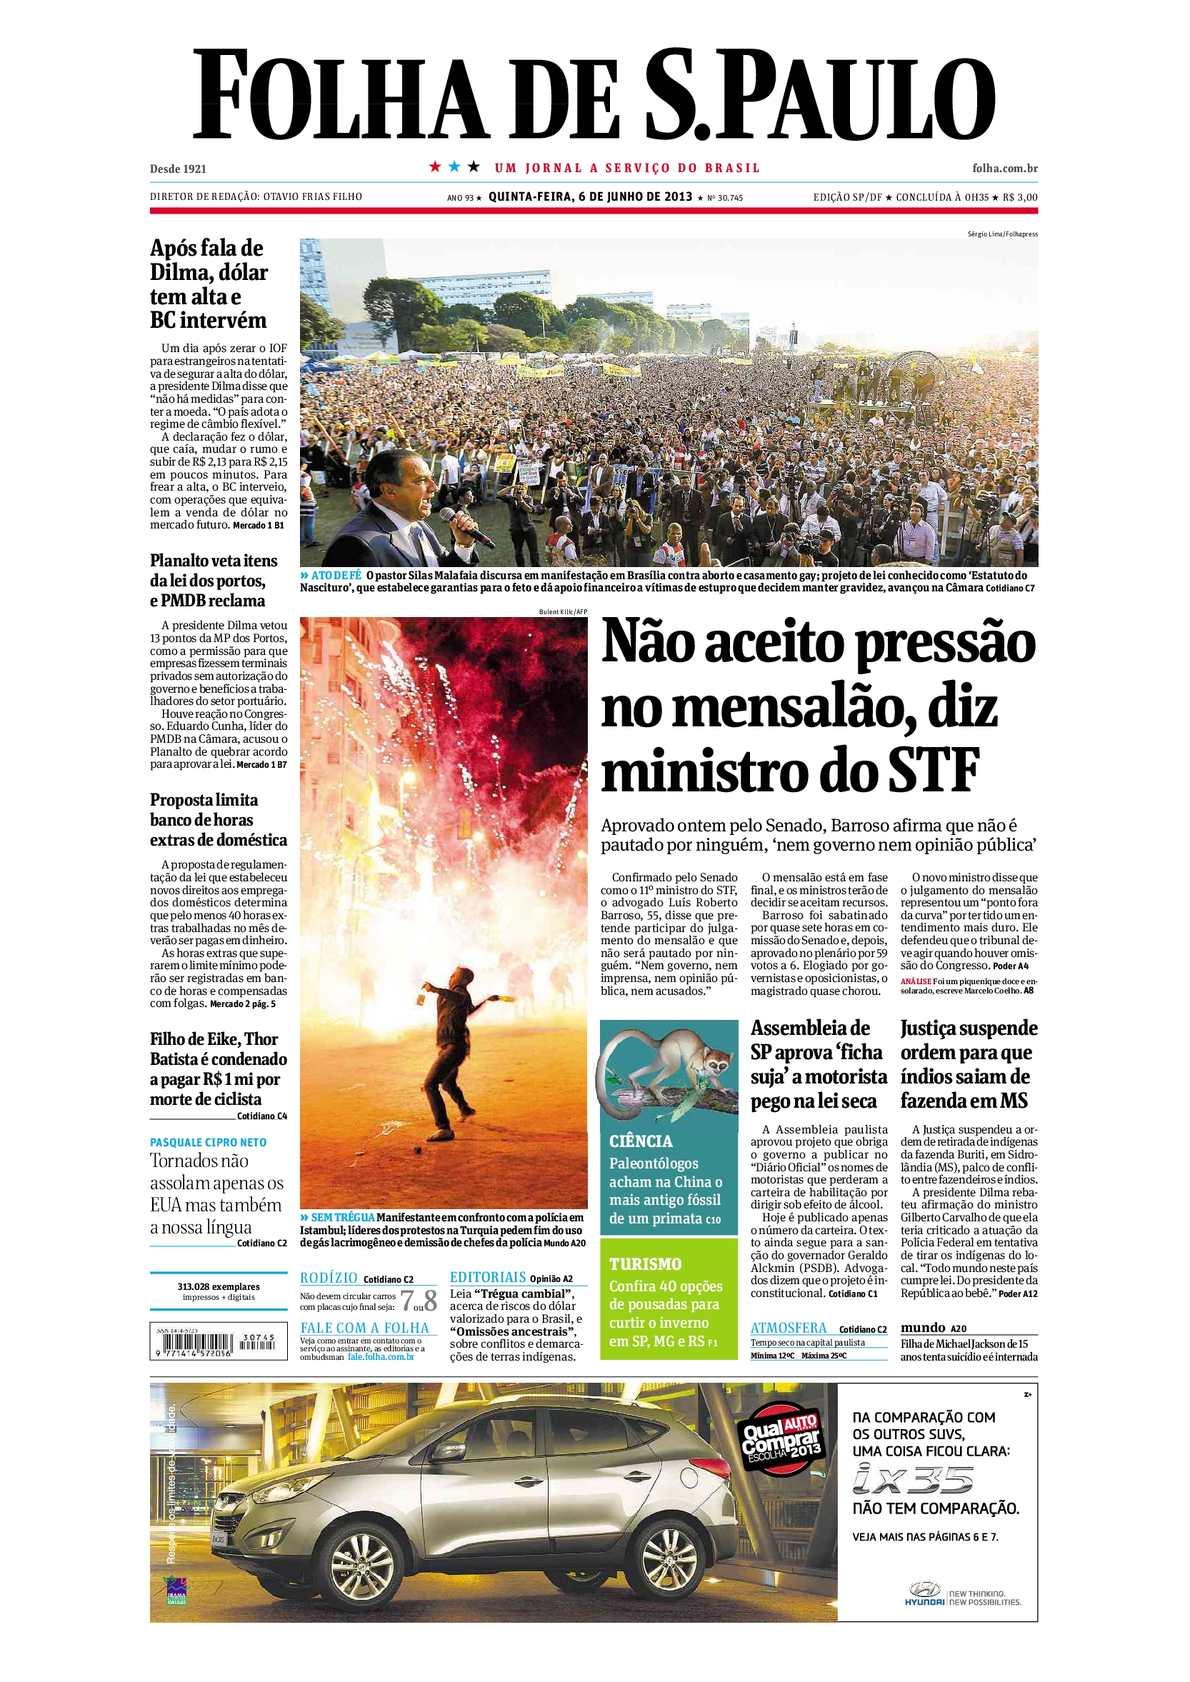 Calaméo - Folha de São Paulo 06-06-13 a92b91c553